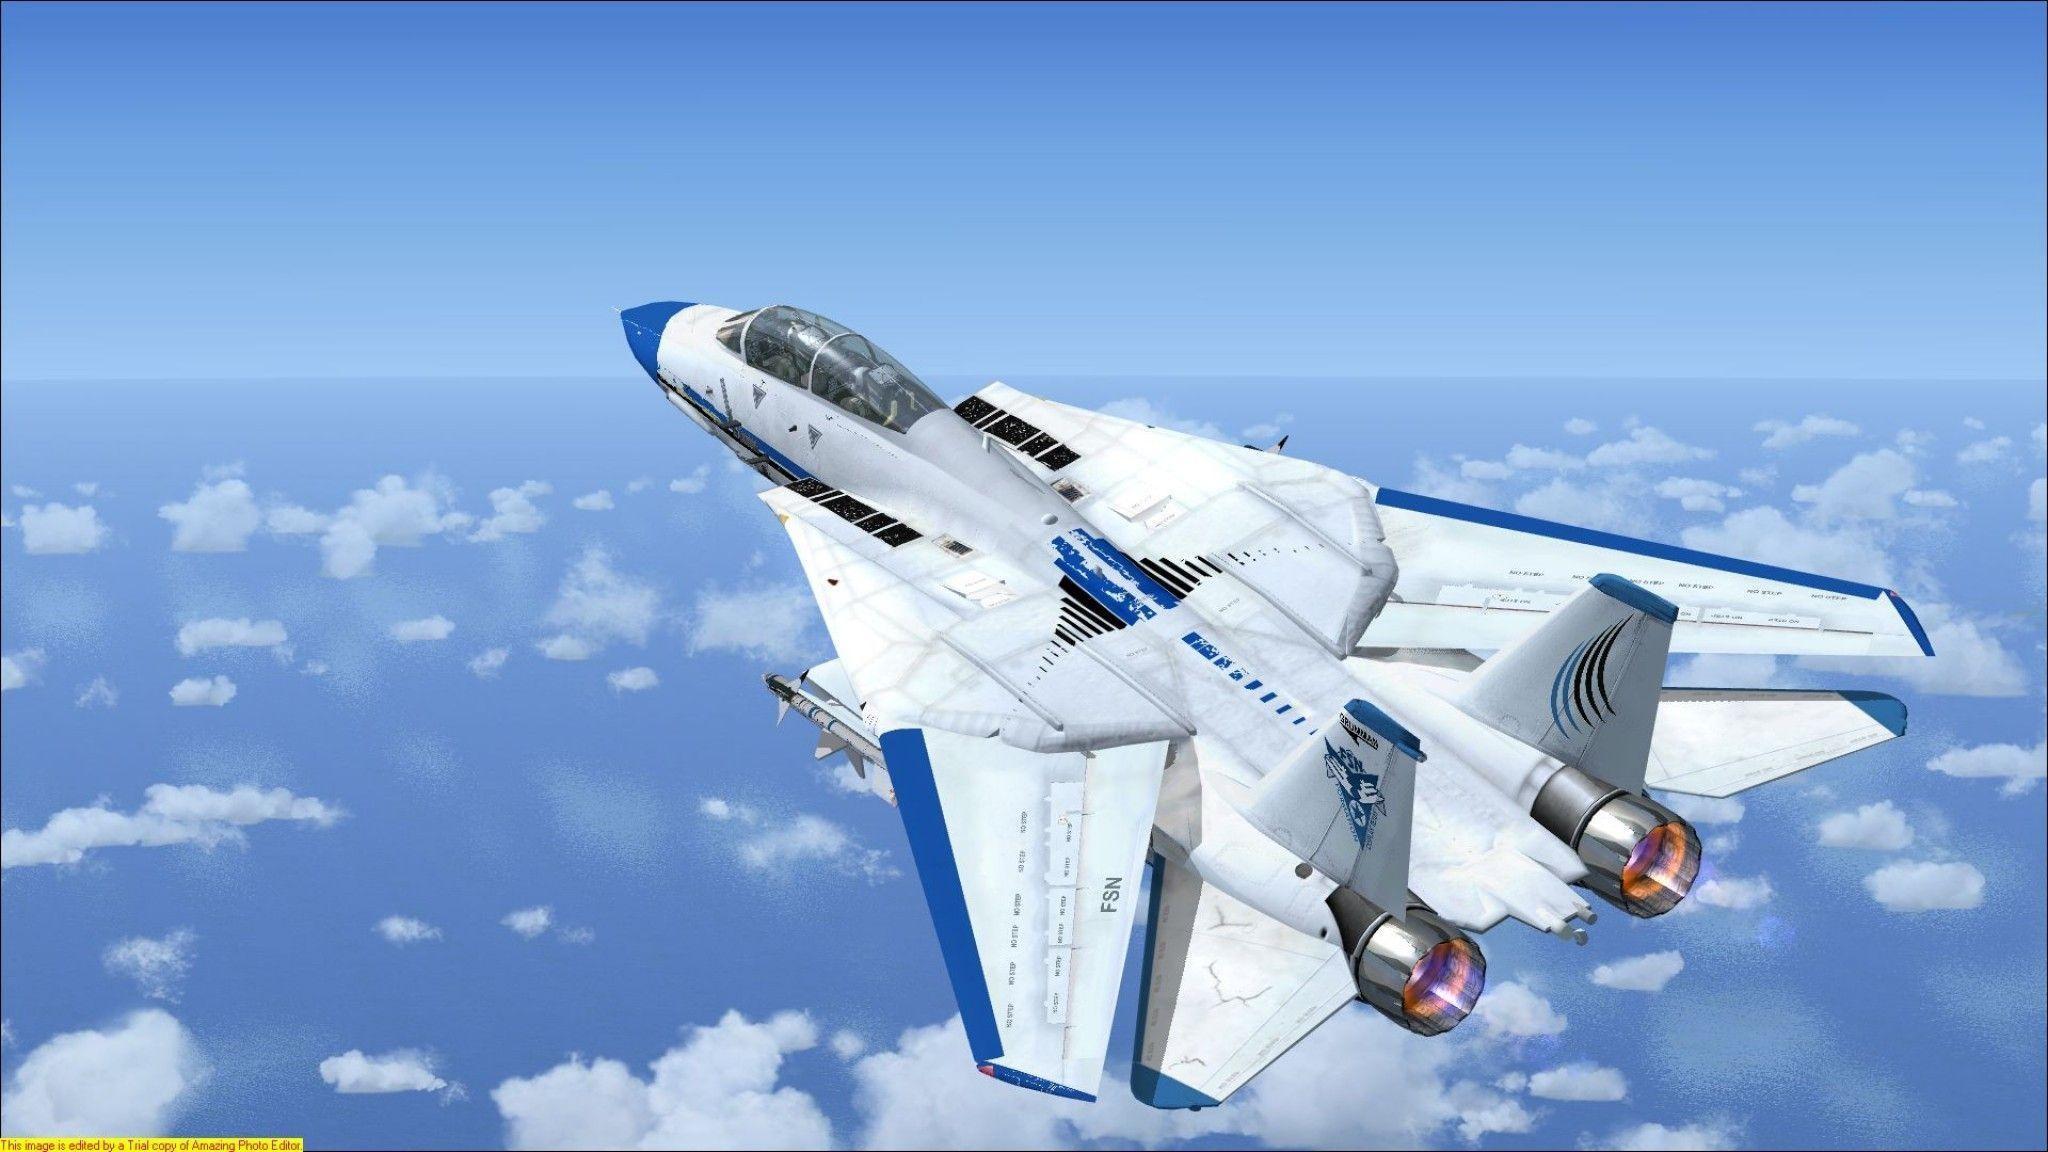 F 14 Tomcat FSX, burn, f-22, f22, military, sky